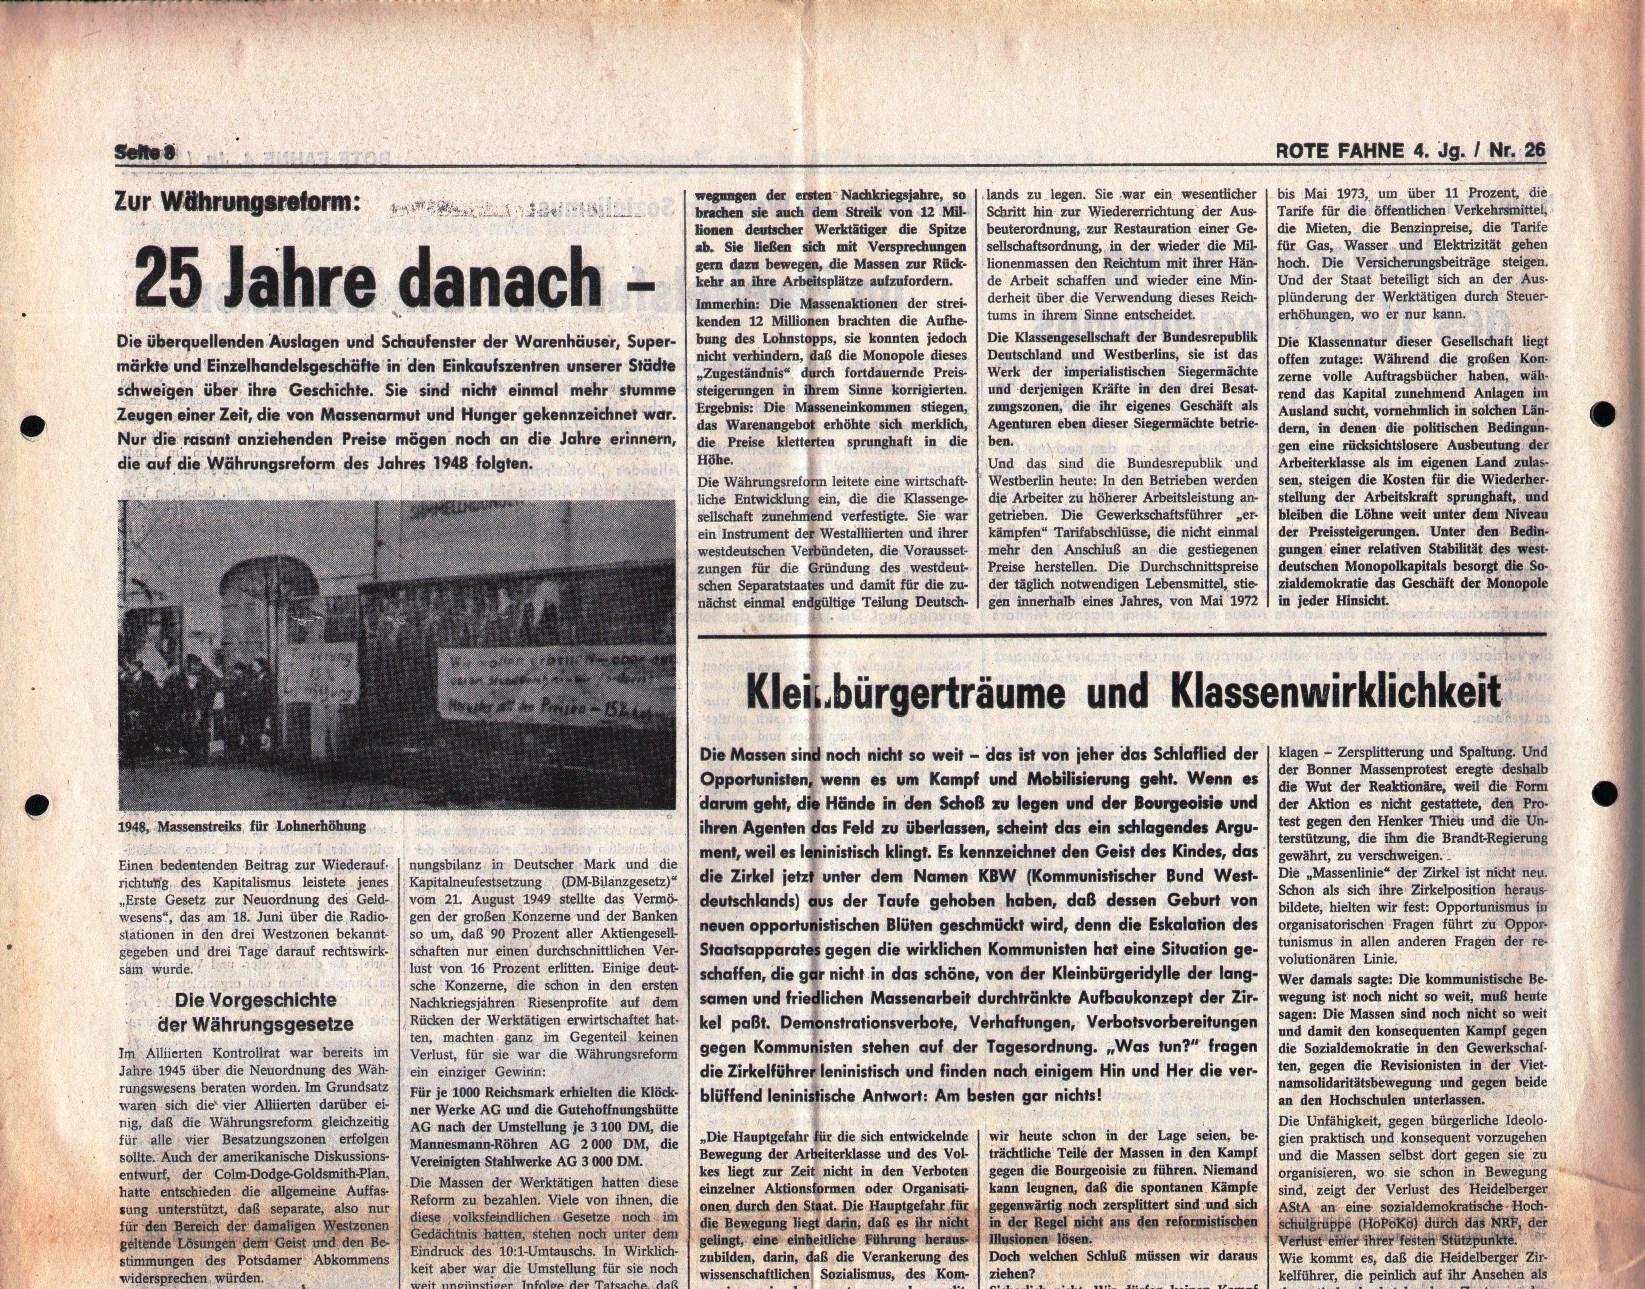 KPD_Rote_Fahne_1973_26_15